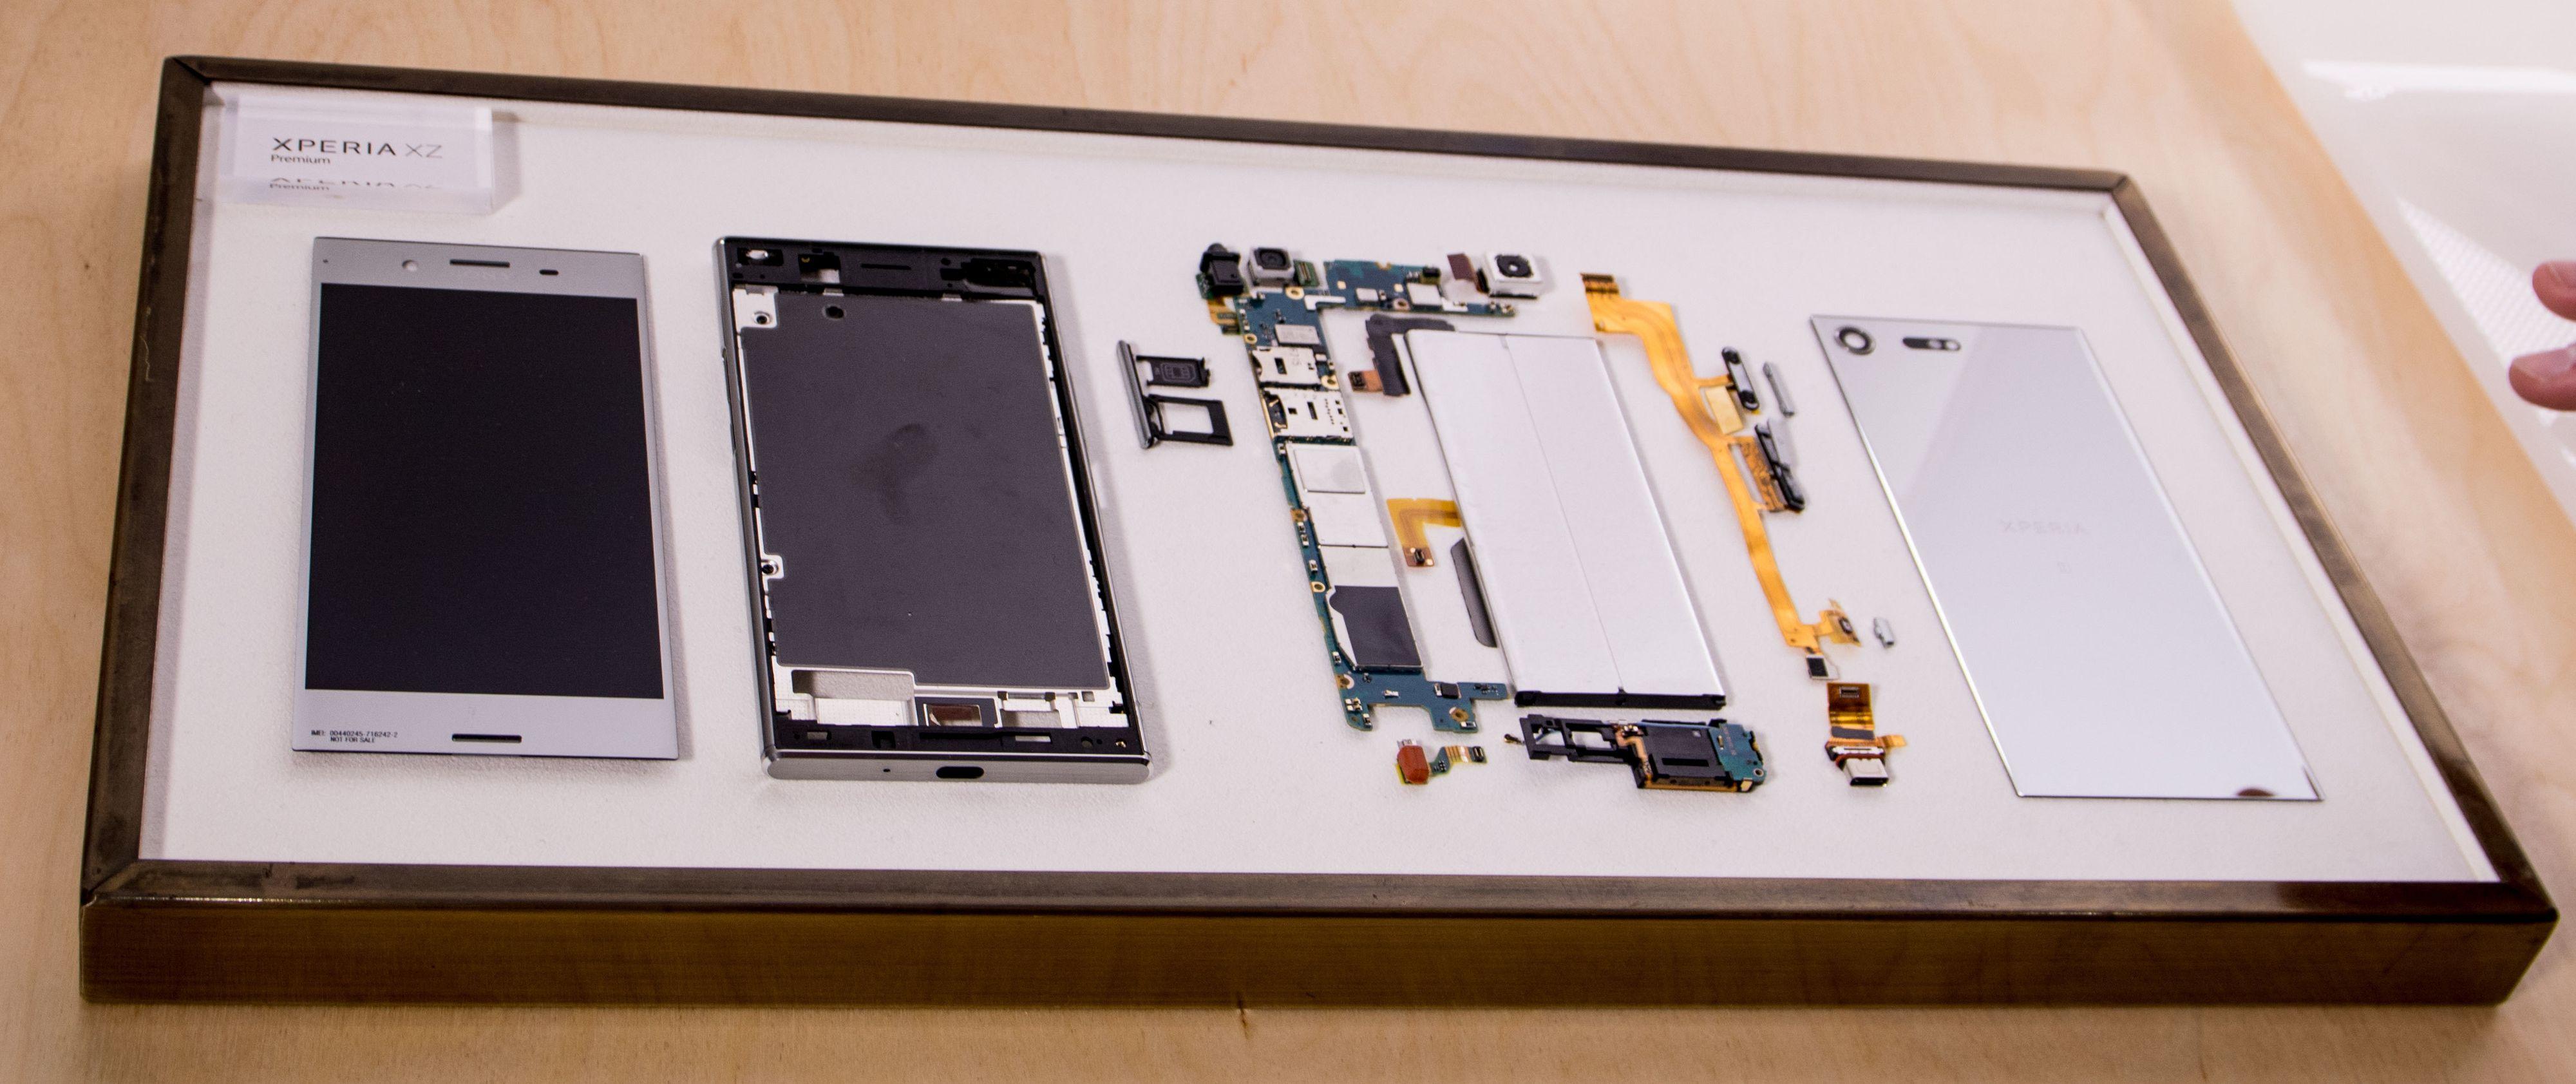 Innsiden av Xperia XZ Premium. Vi fikk høre at kameraet og prosessoren er flyttet så langt fra hverandre som mulig, for å forhindre overoppheting.